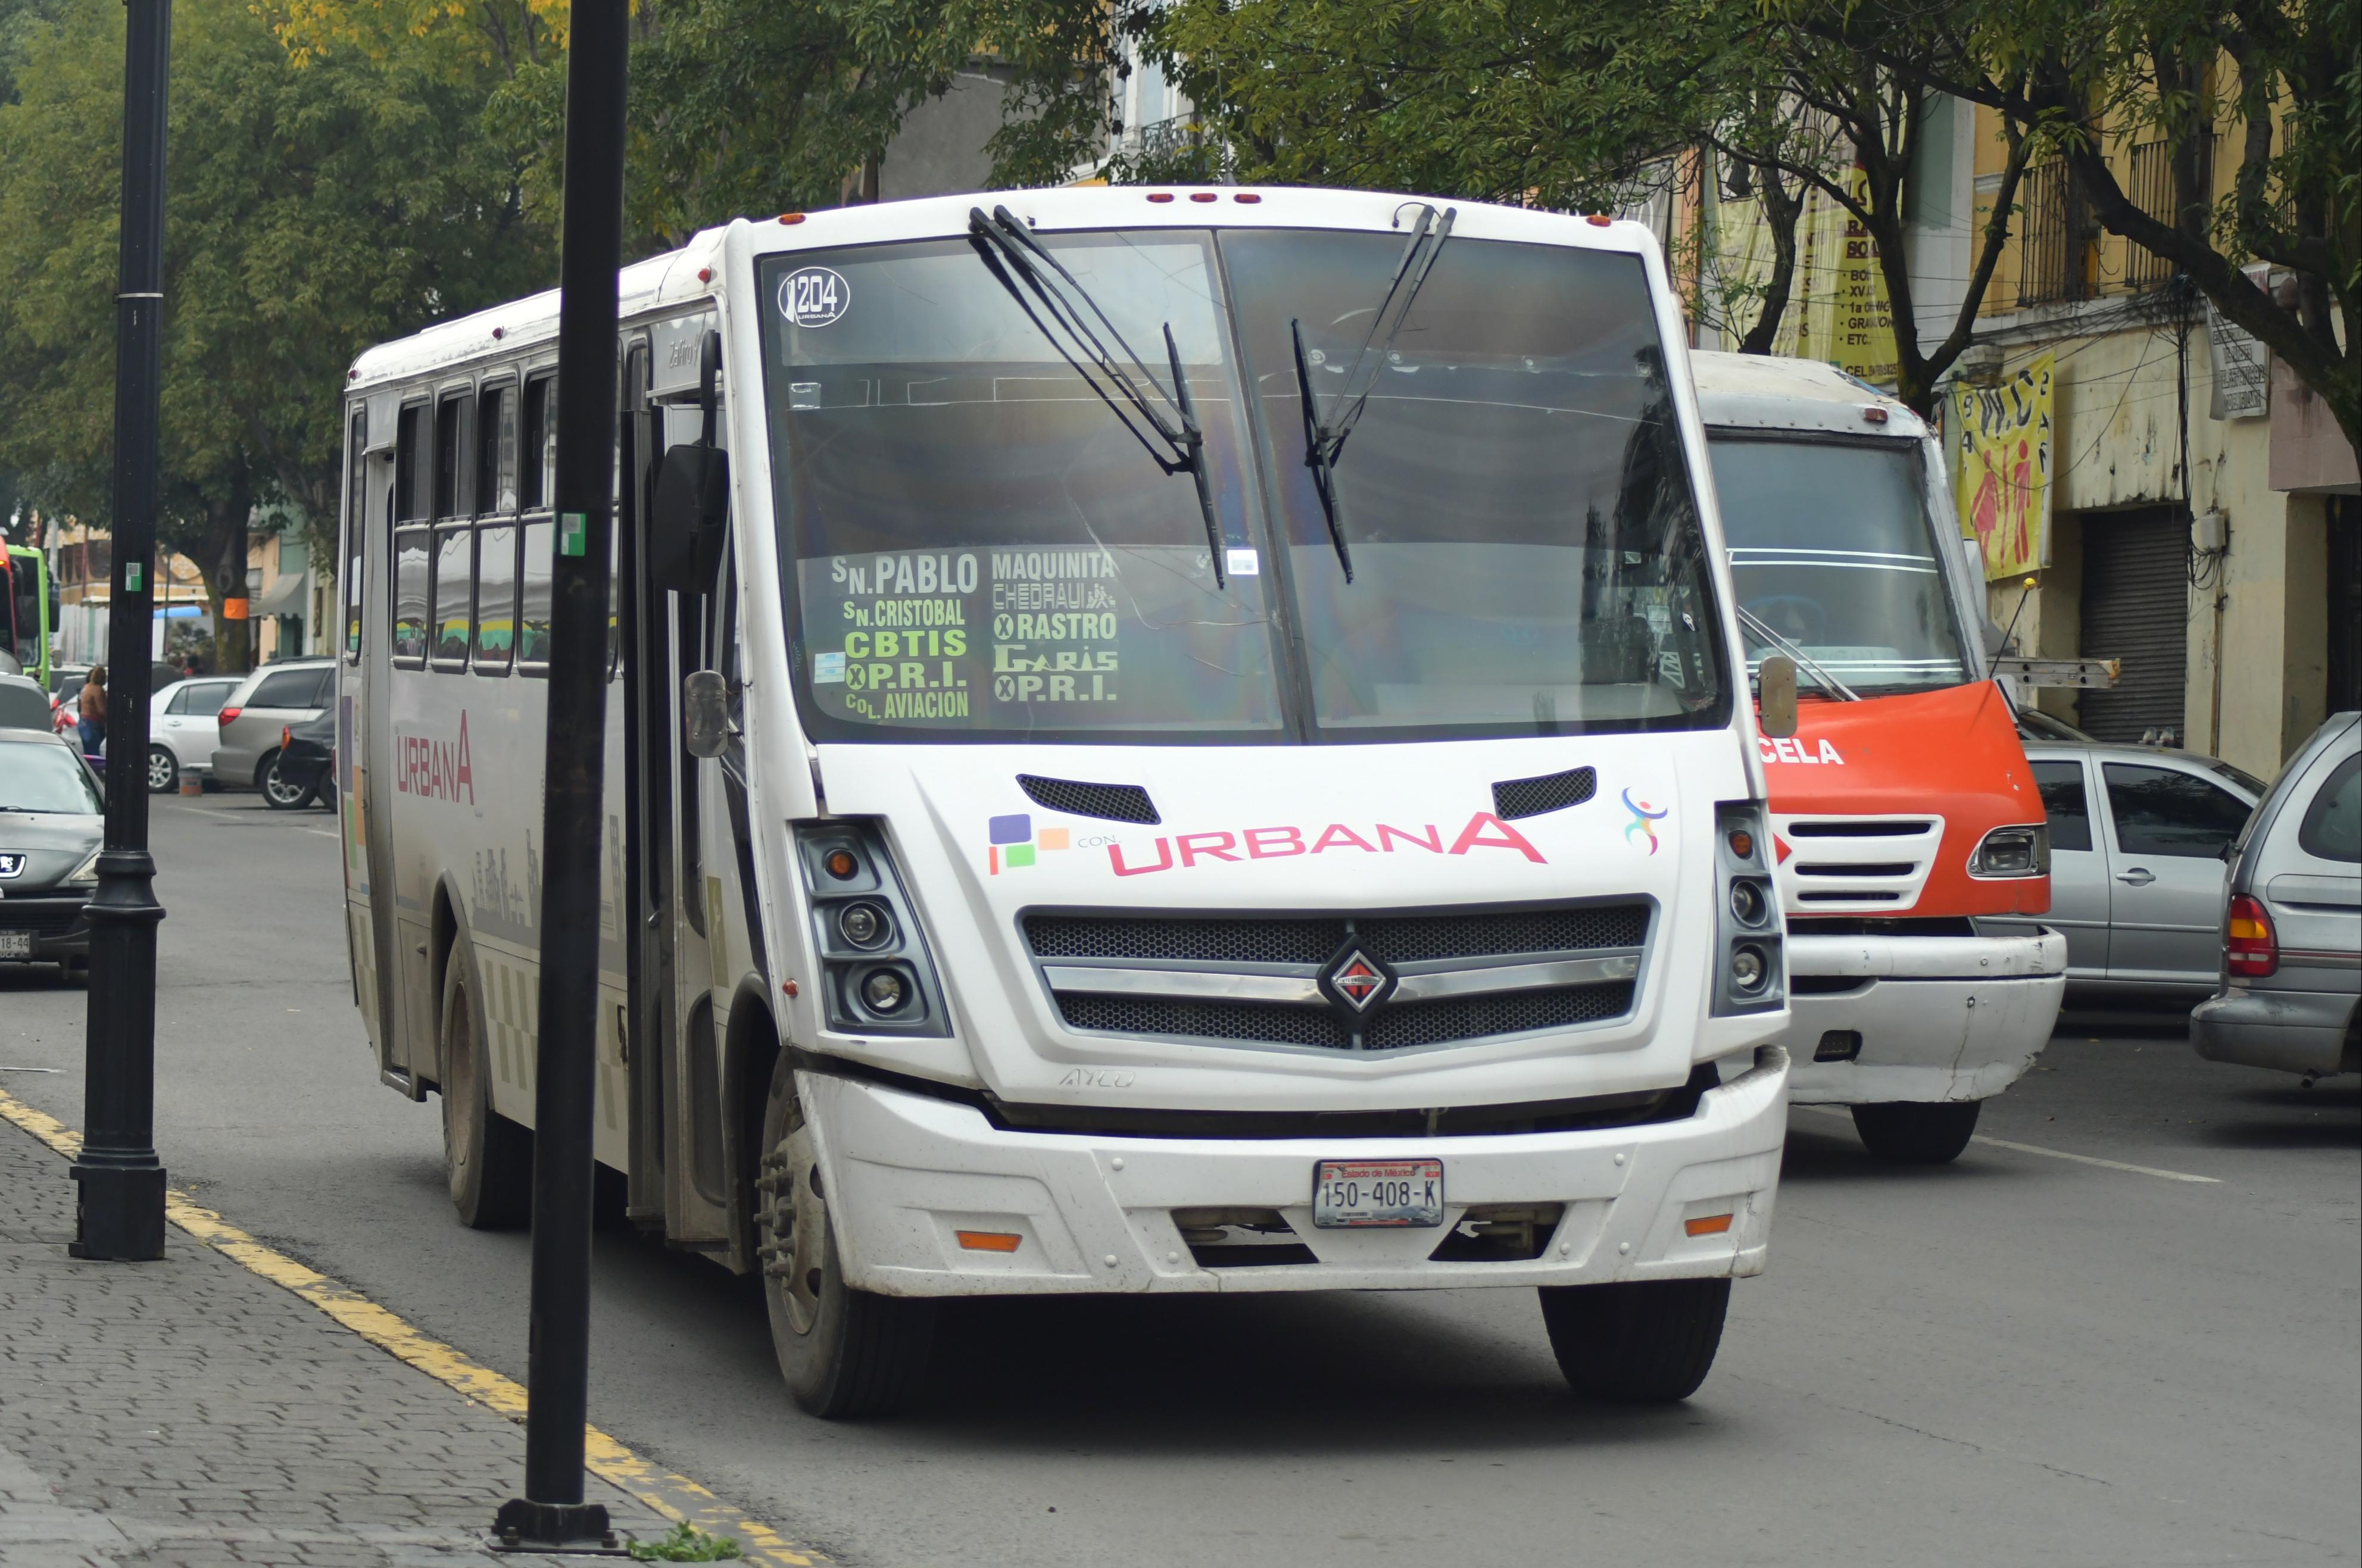 ¿Por qué es tan malo el transporte público de Toluca?